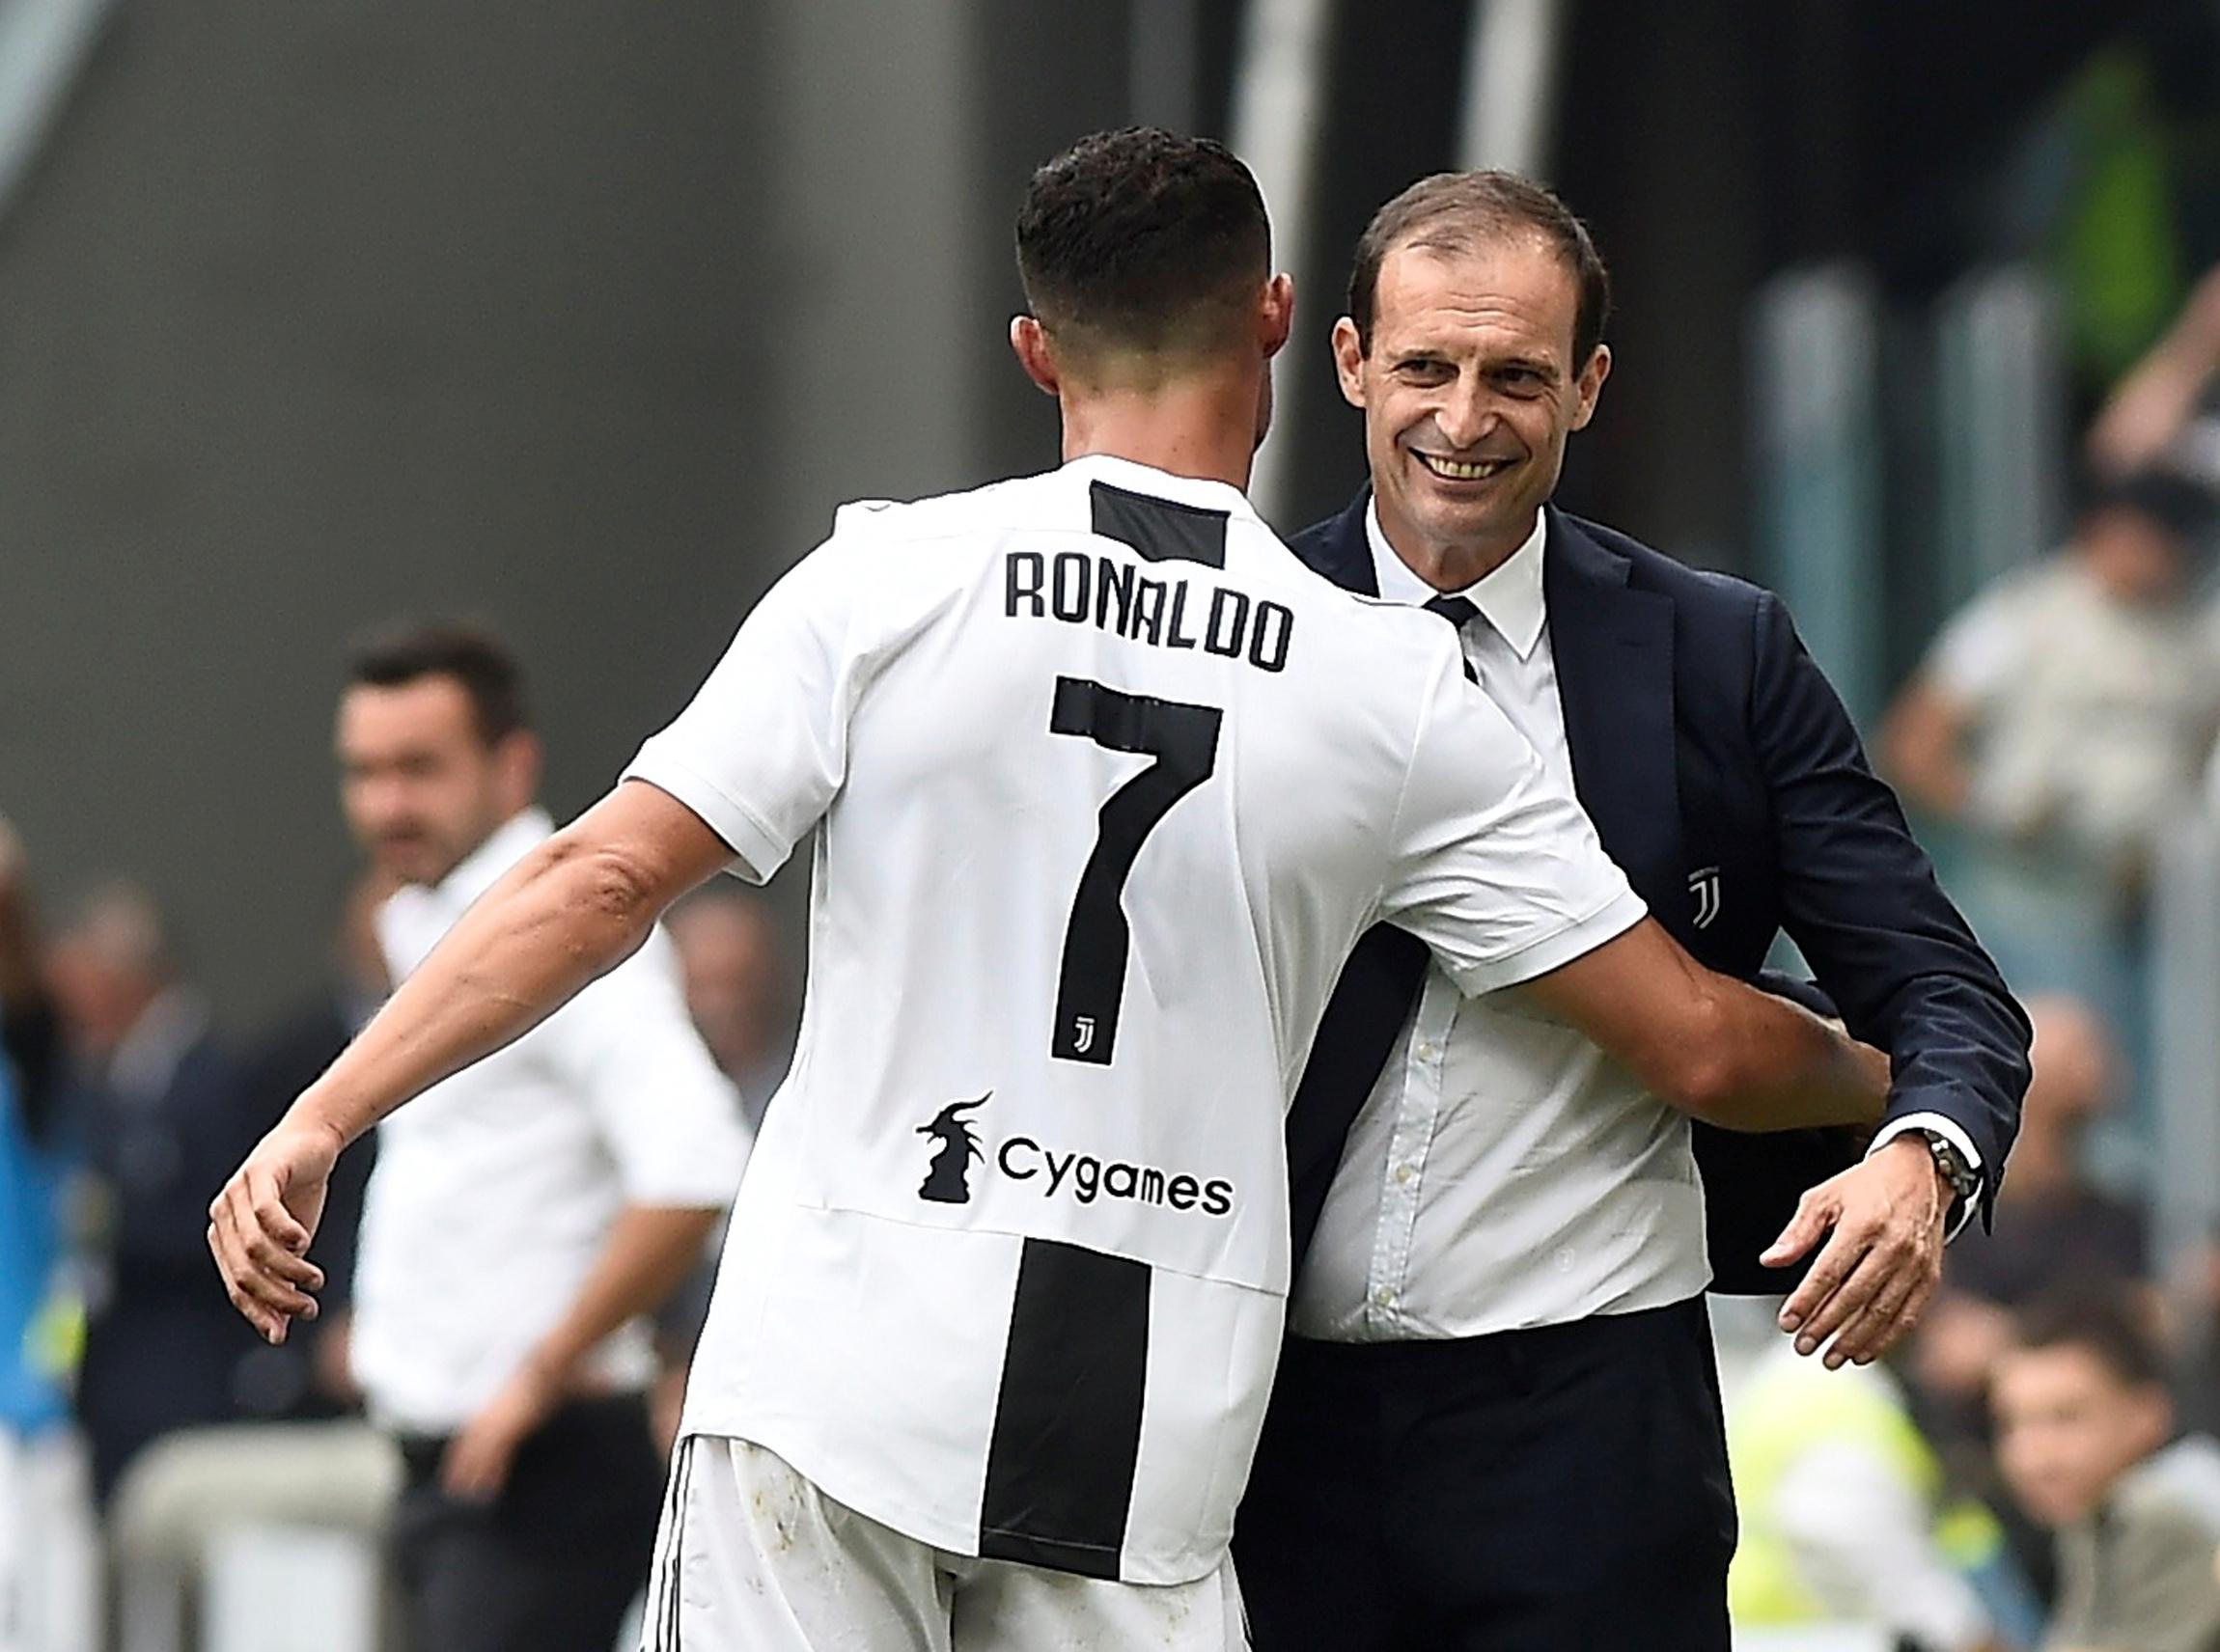 86a81b0051 A dupla Allegri e Ronaldo tem dado certo na Juventus. Foto  Massimo  Pinca Reuters